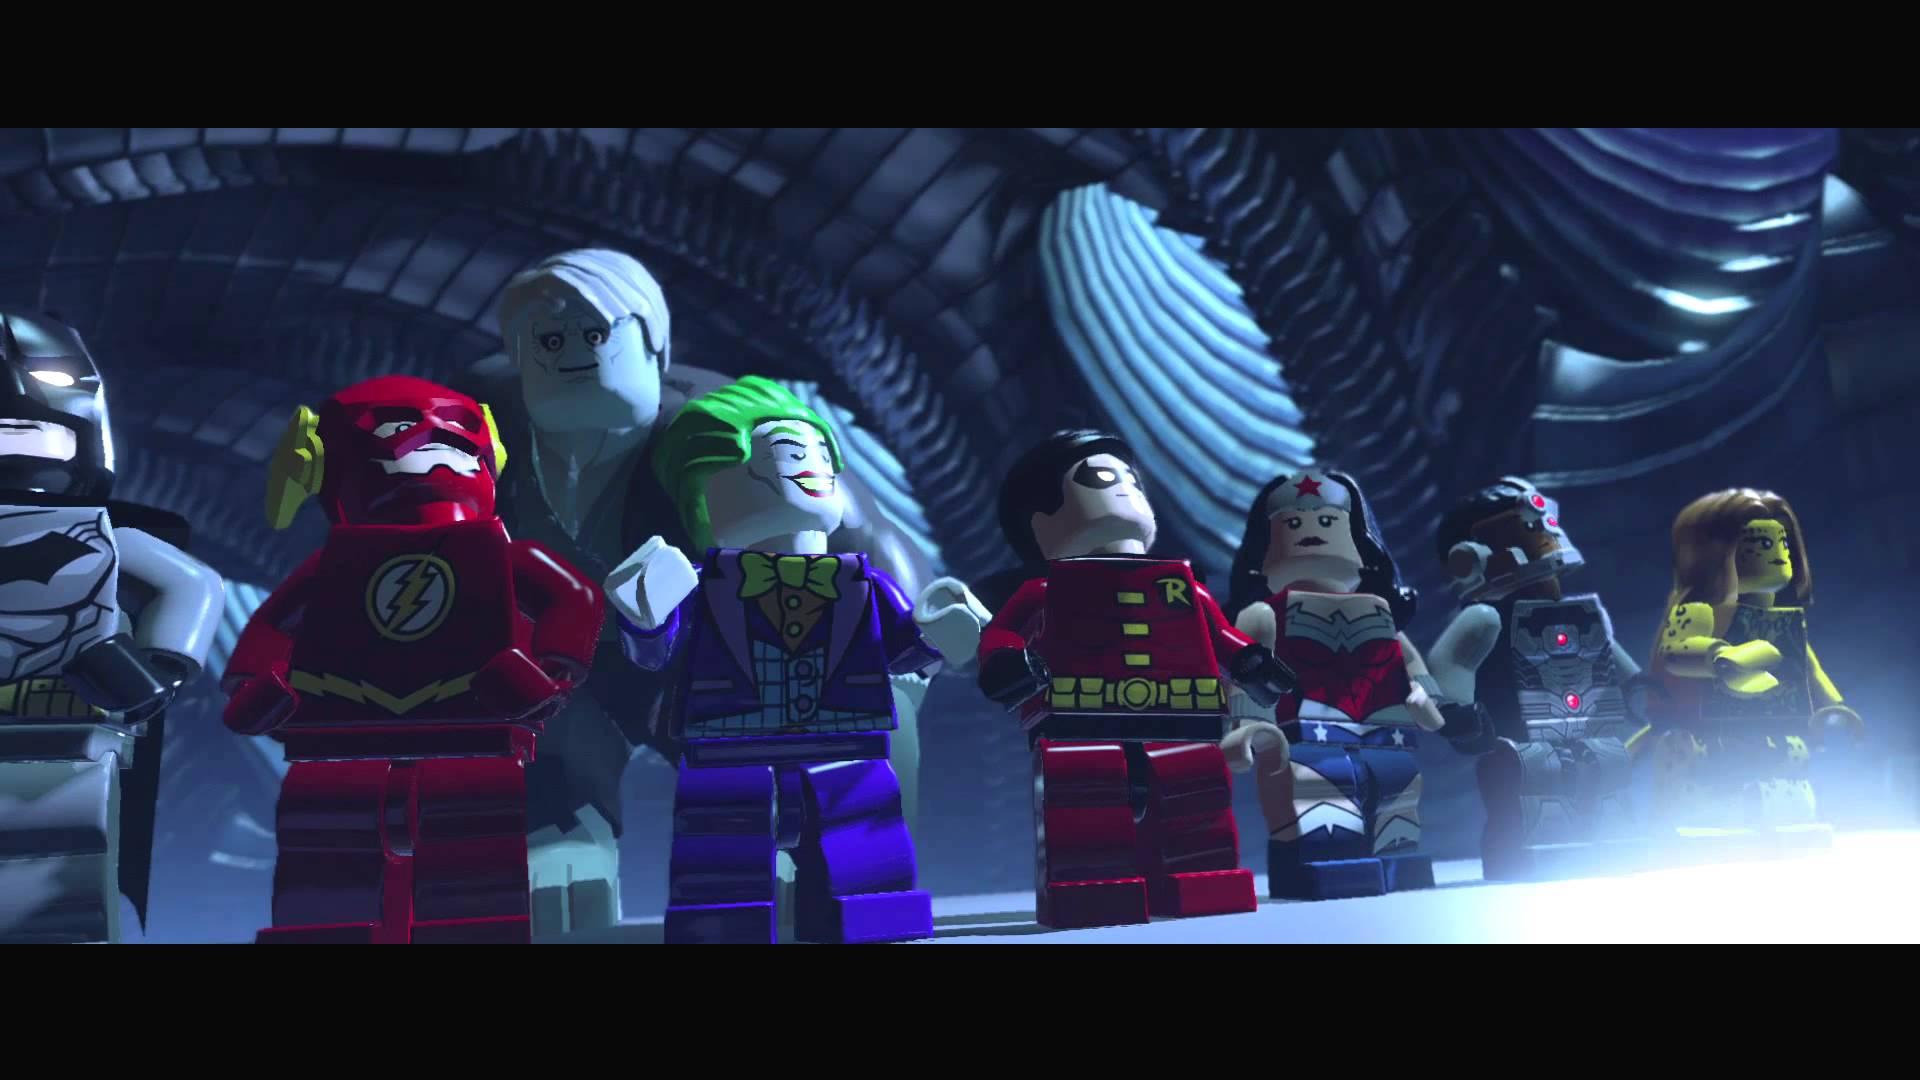 maxresdefaultBBZH7B7J Lego Batman 3: Beyond Gotham ist der viel bessere Batman Film!